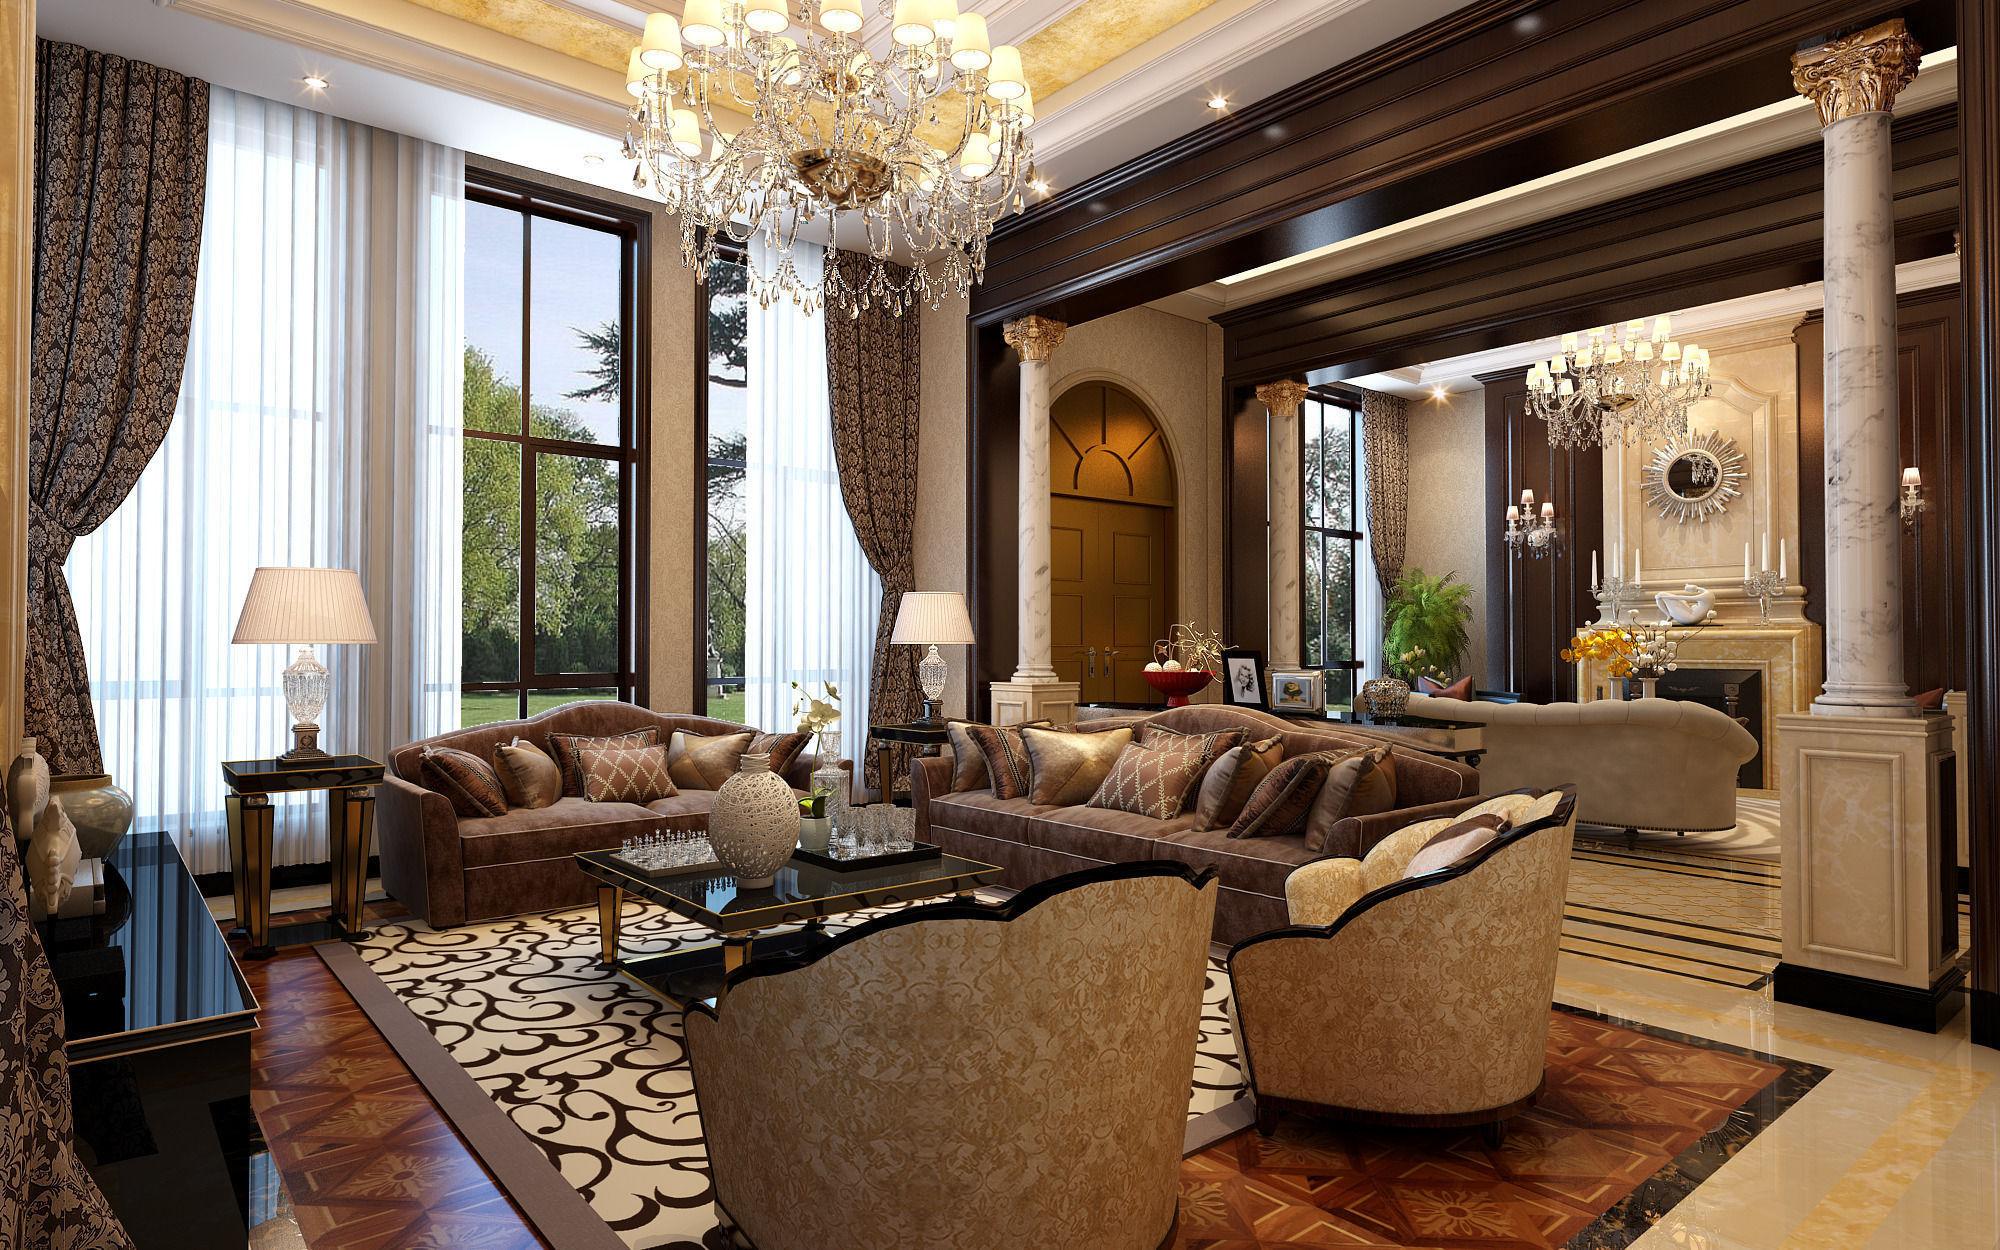 Realistic Living Room Design 028 3d Model Max